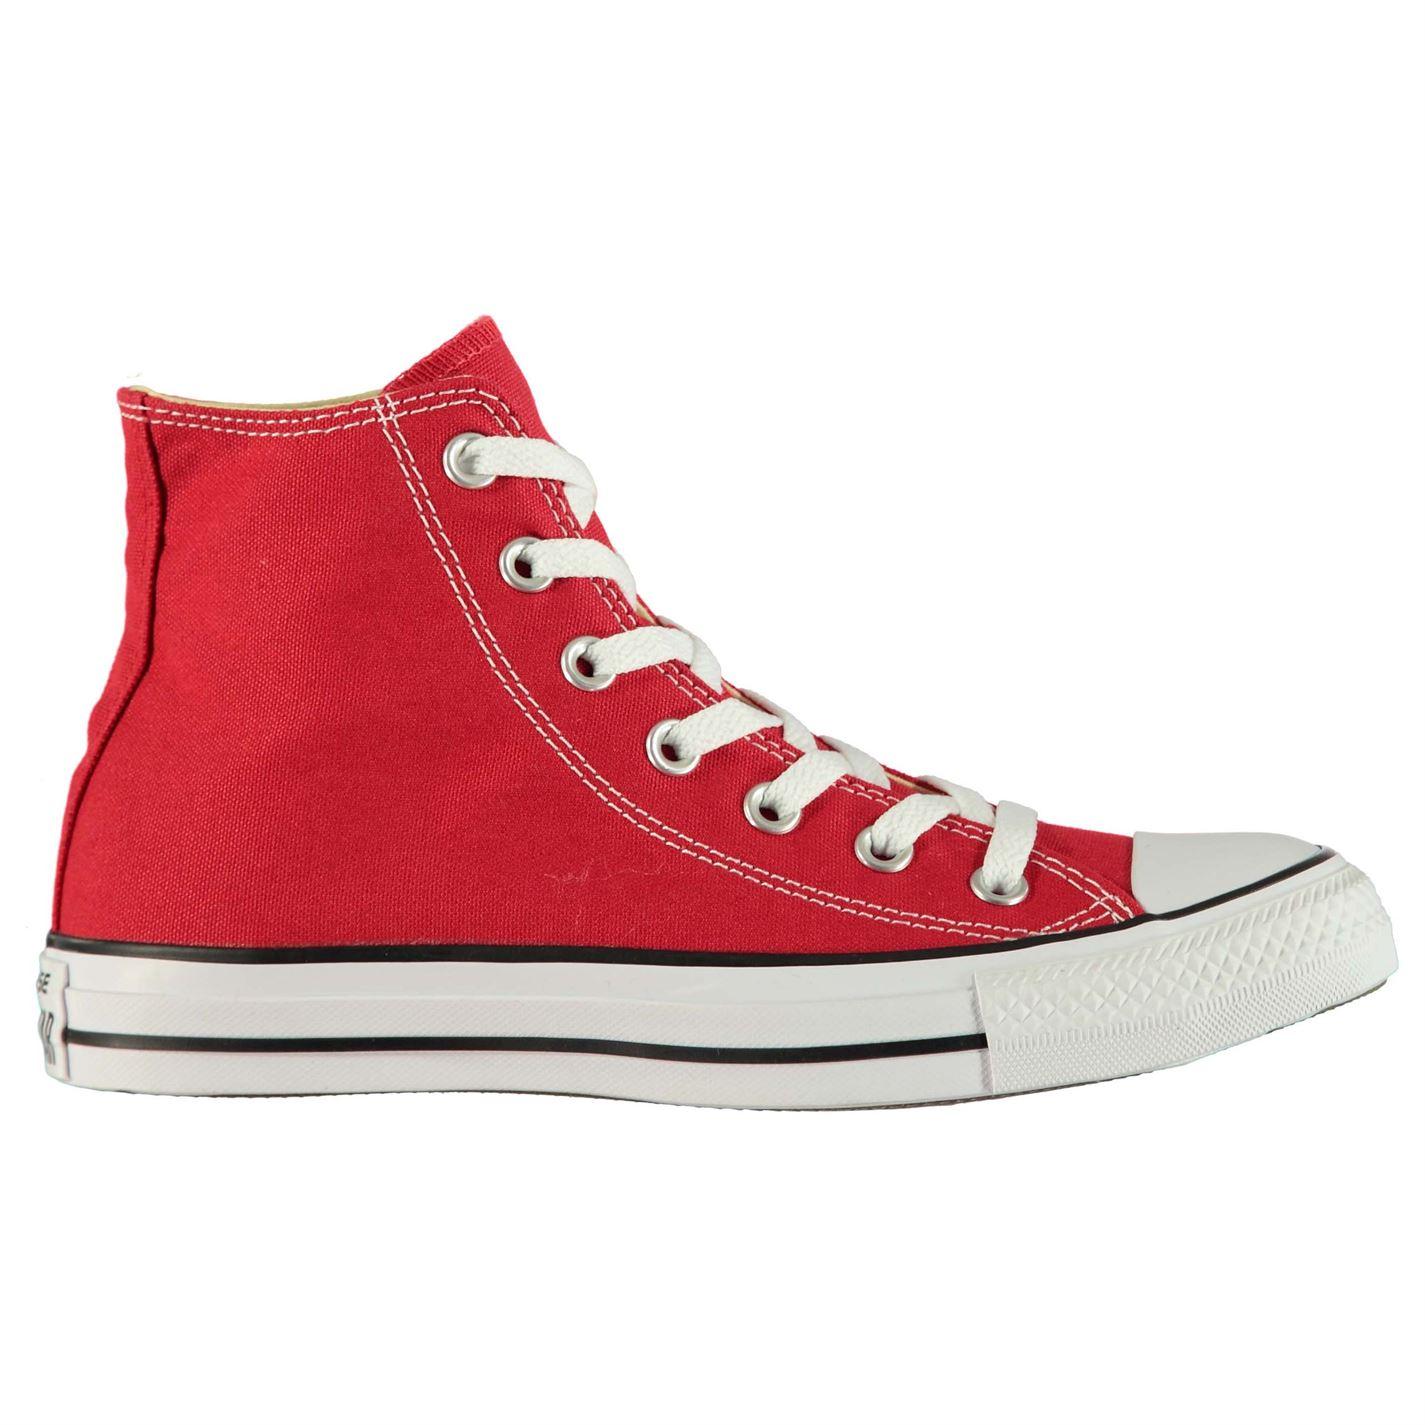 Converse Hi Top All Star Shoes